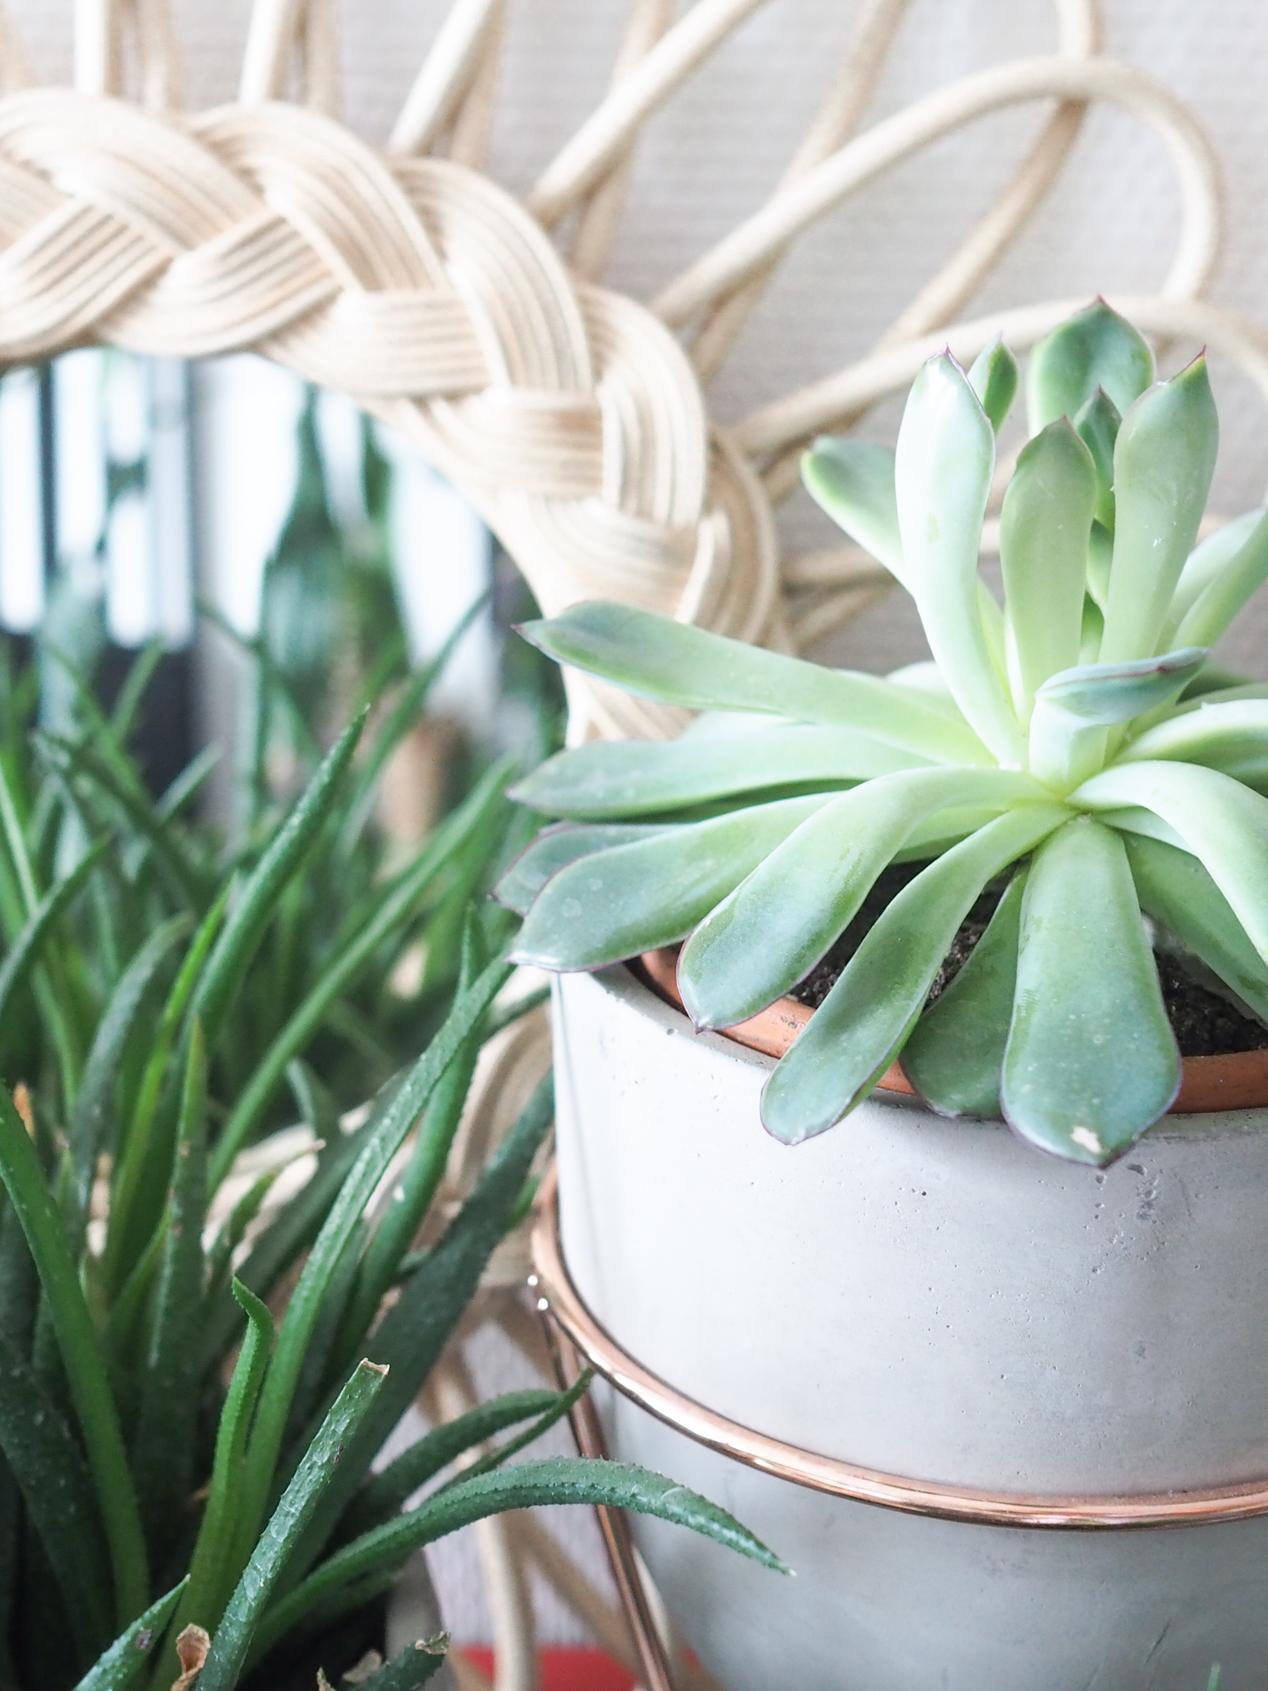 Plantes interieur depolluantes detoxifiantes guide Truffaut domus l La Fiancee du Panda blog deco et lifestyle-7203461